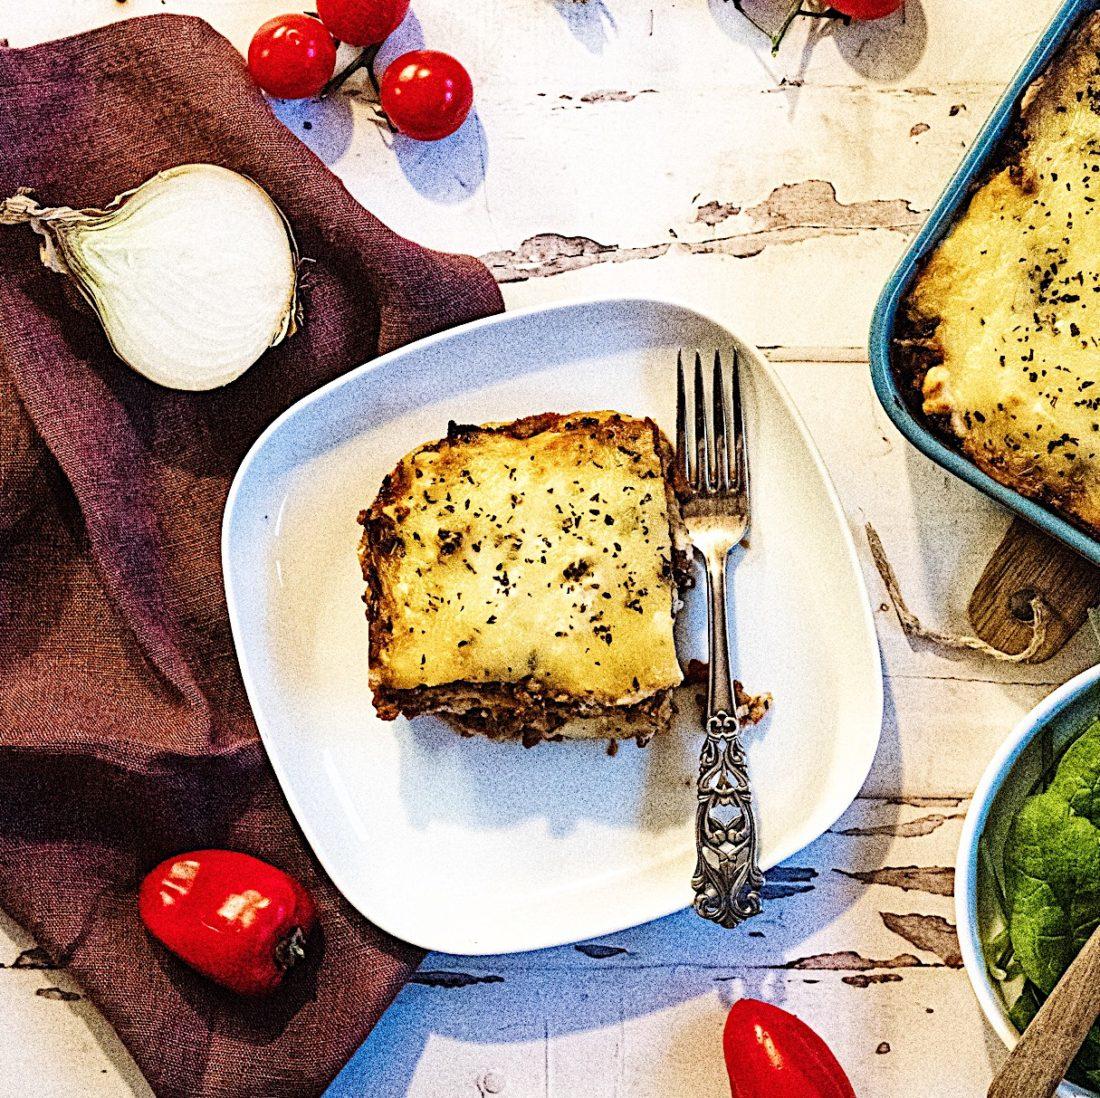 Nystekt Lasagne med frisk salat.